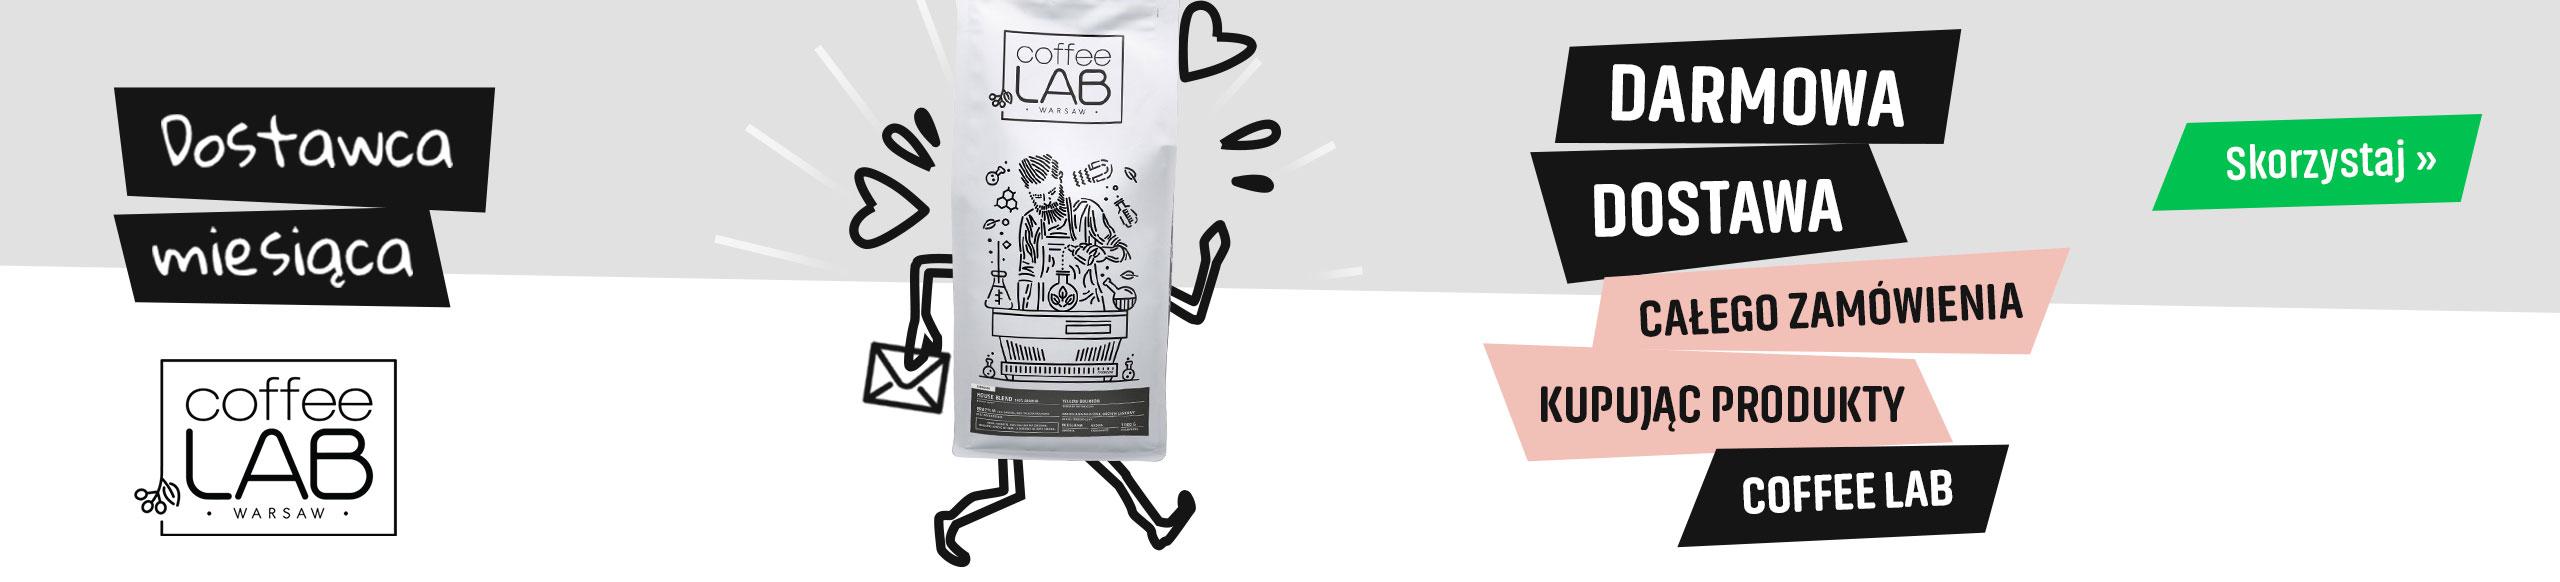 Darmowa Dostawa kupując produkty palarni Coffee Lab